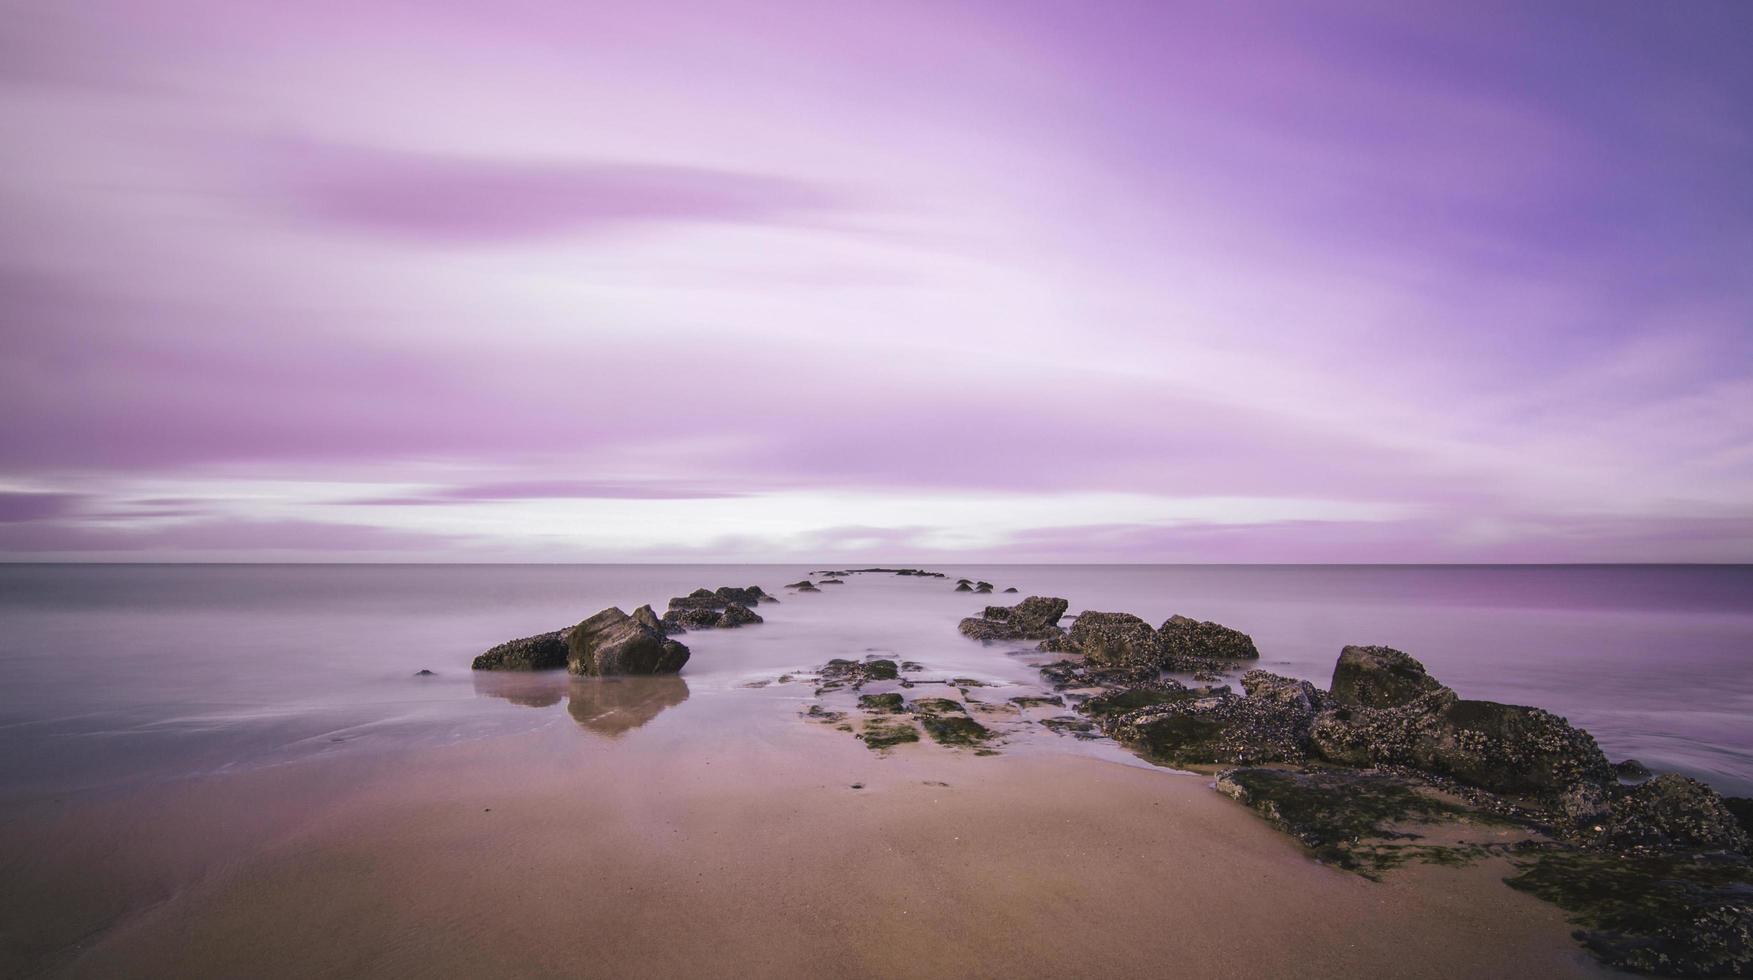 coucher de soleil rose à la mer du nord photo